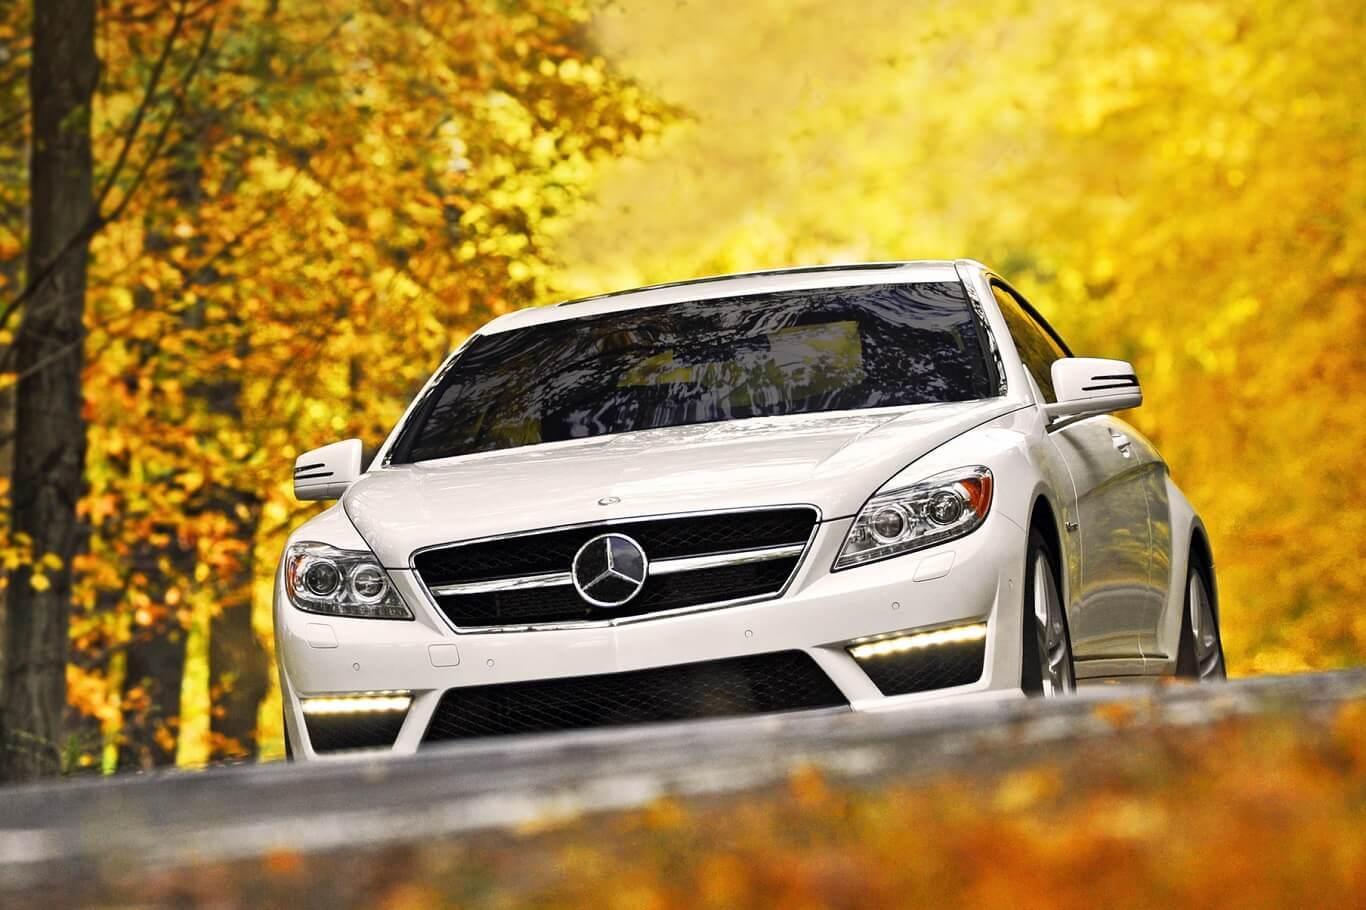 Best used luxury cars